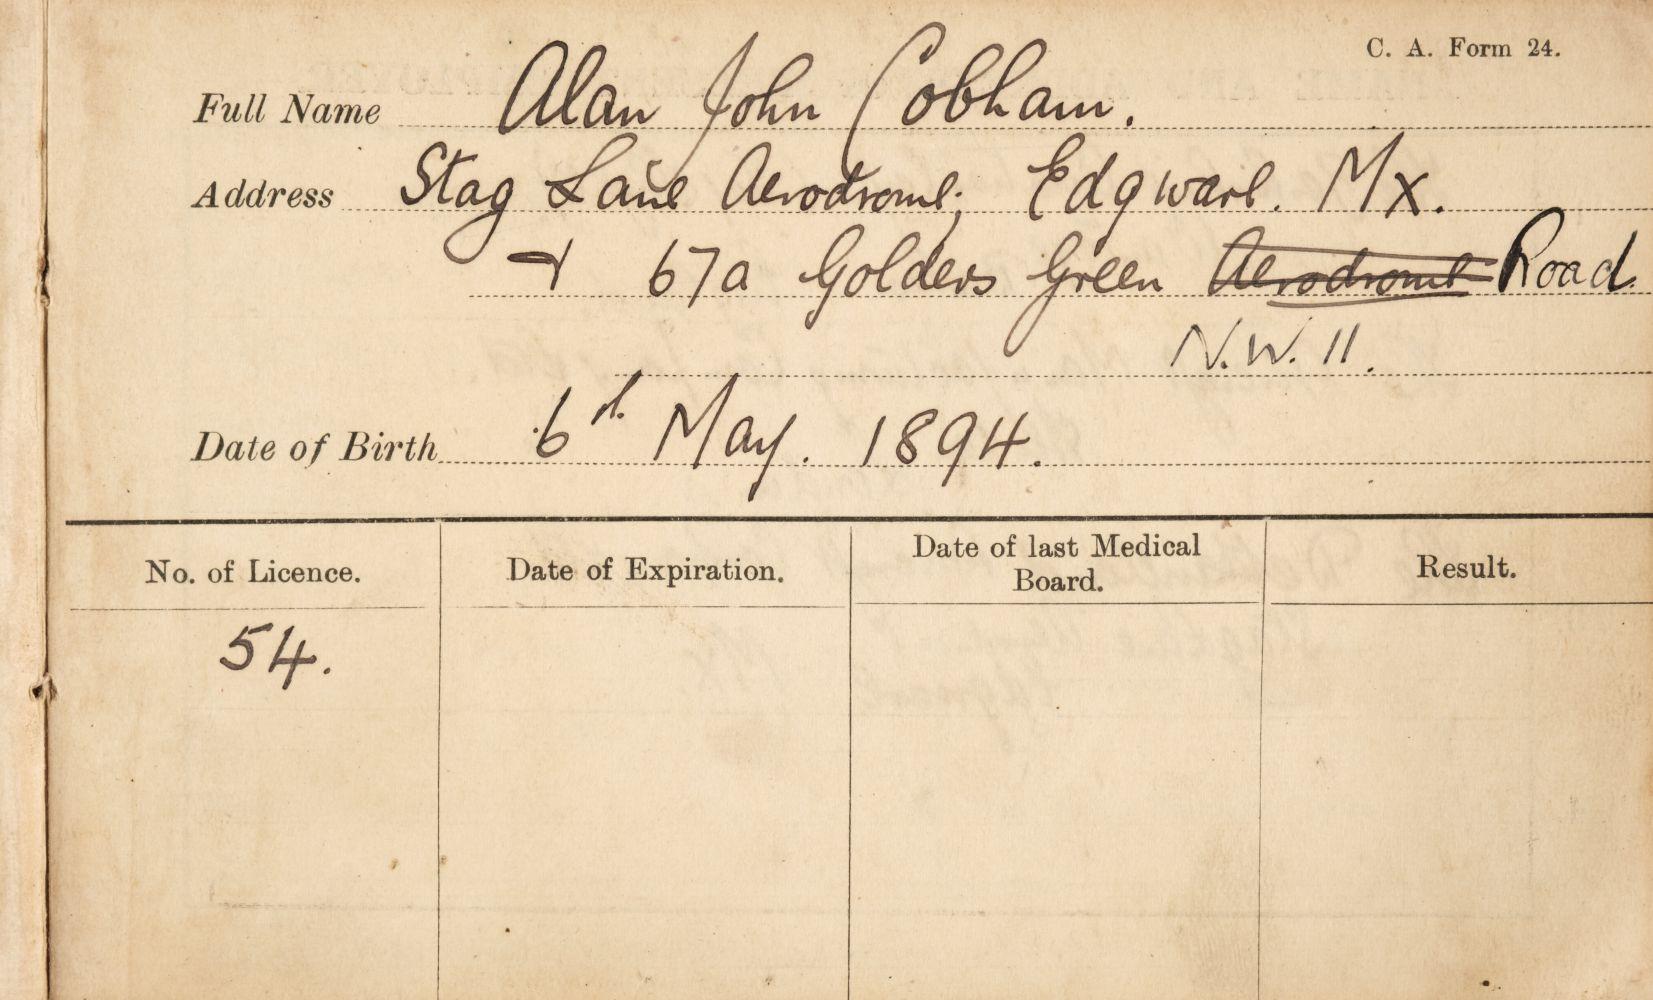 * Sir Alan Cobham. Pilot's logbook kept by Sir Alan Cobham